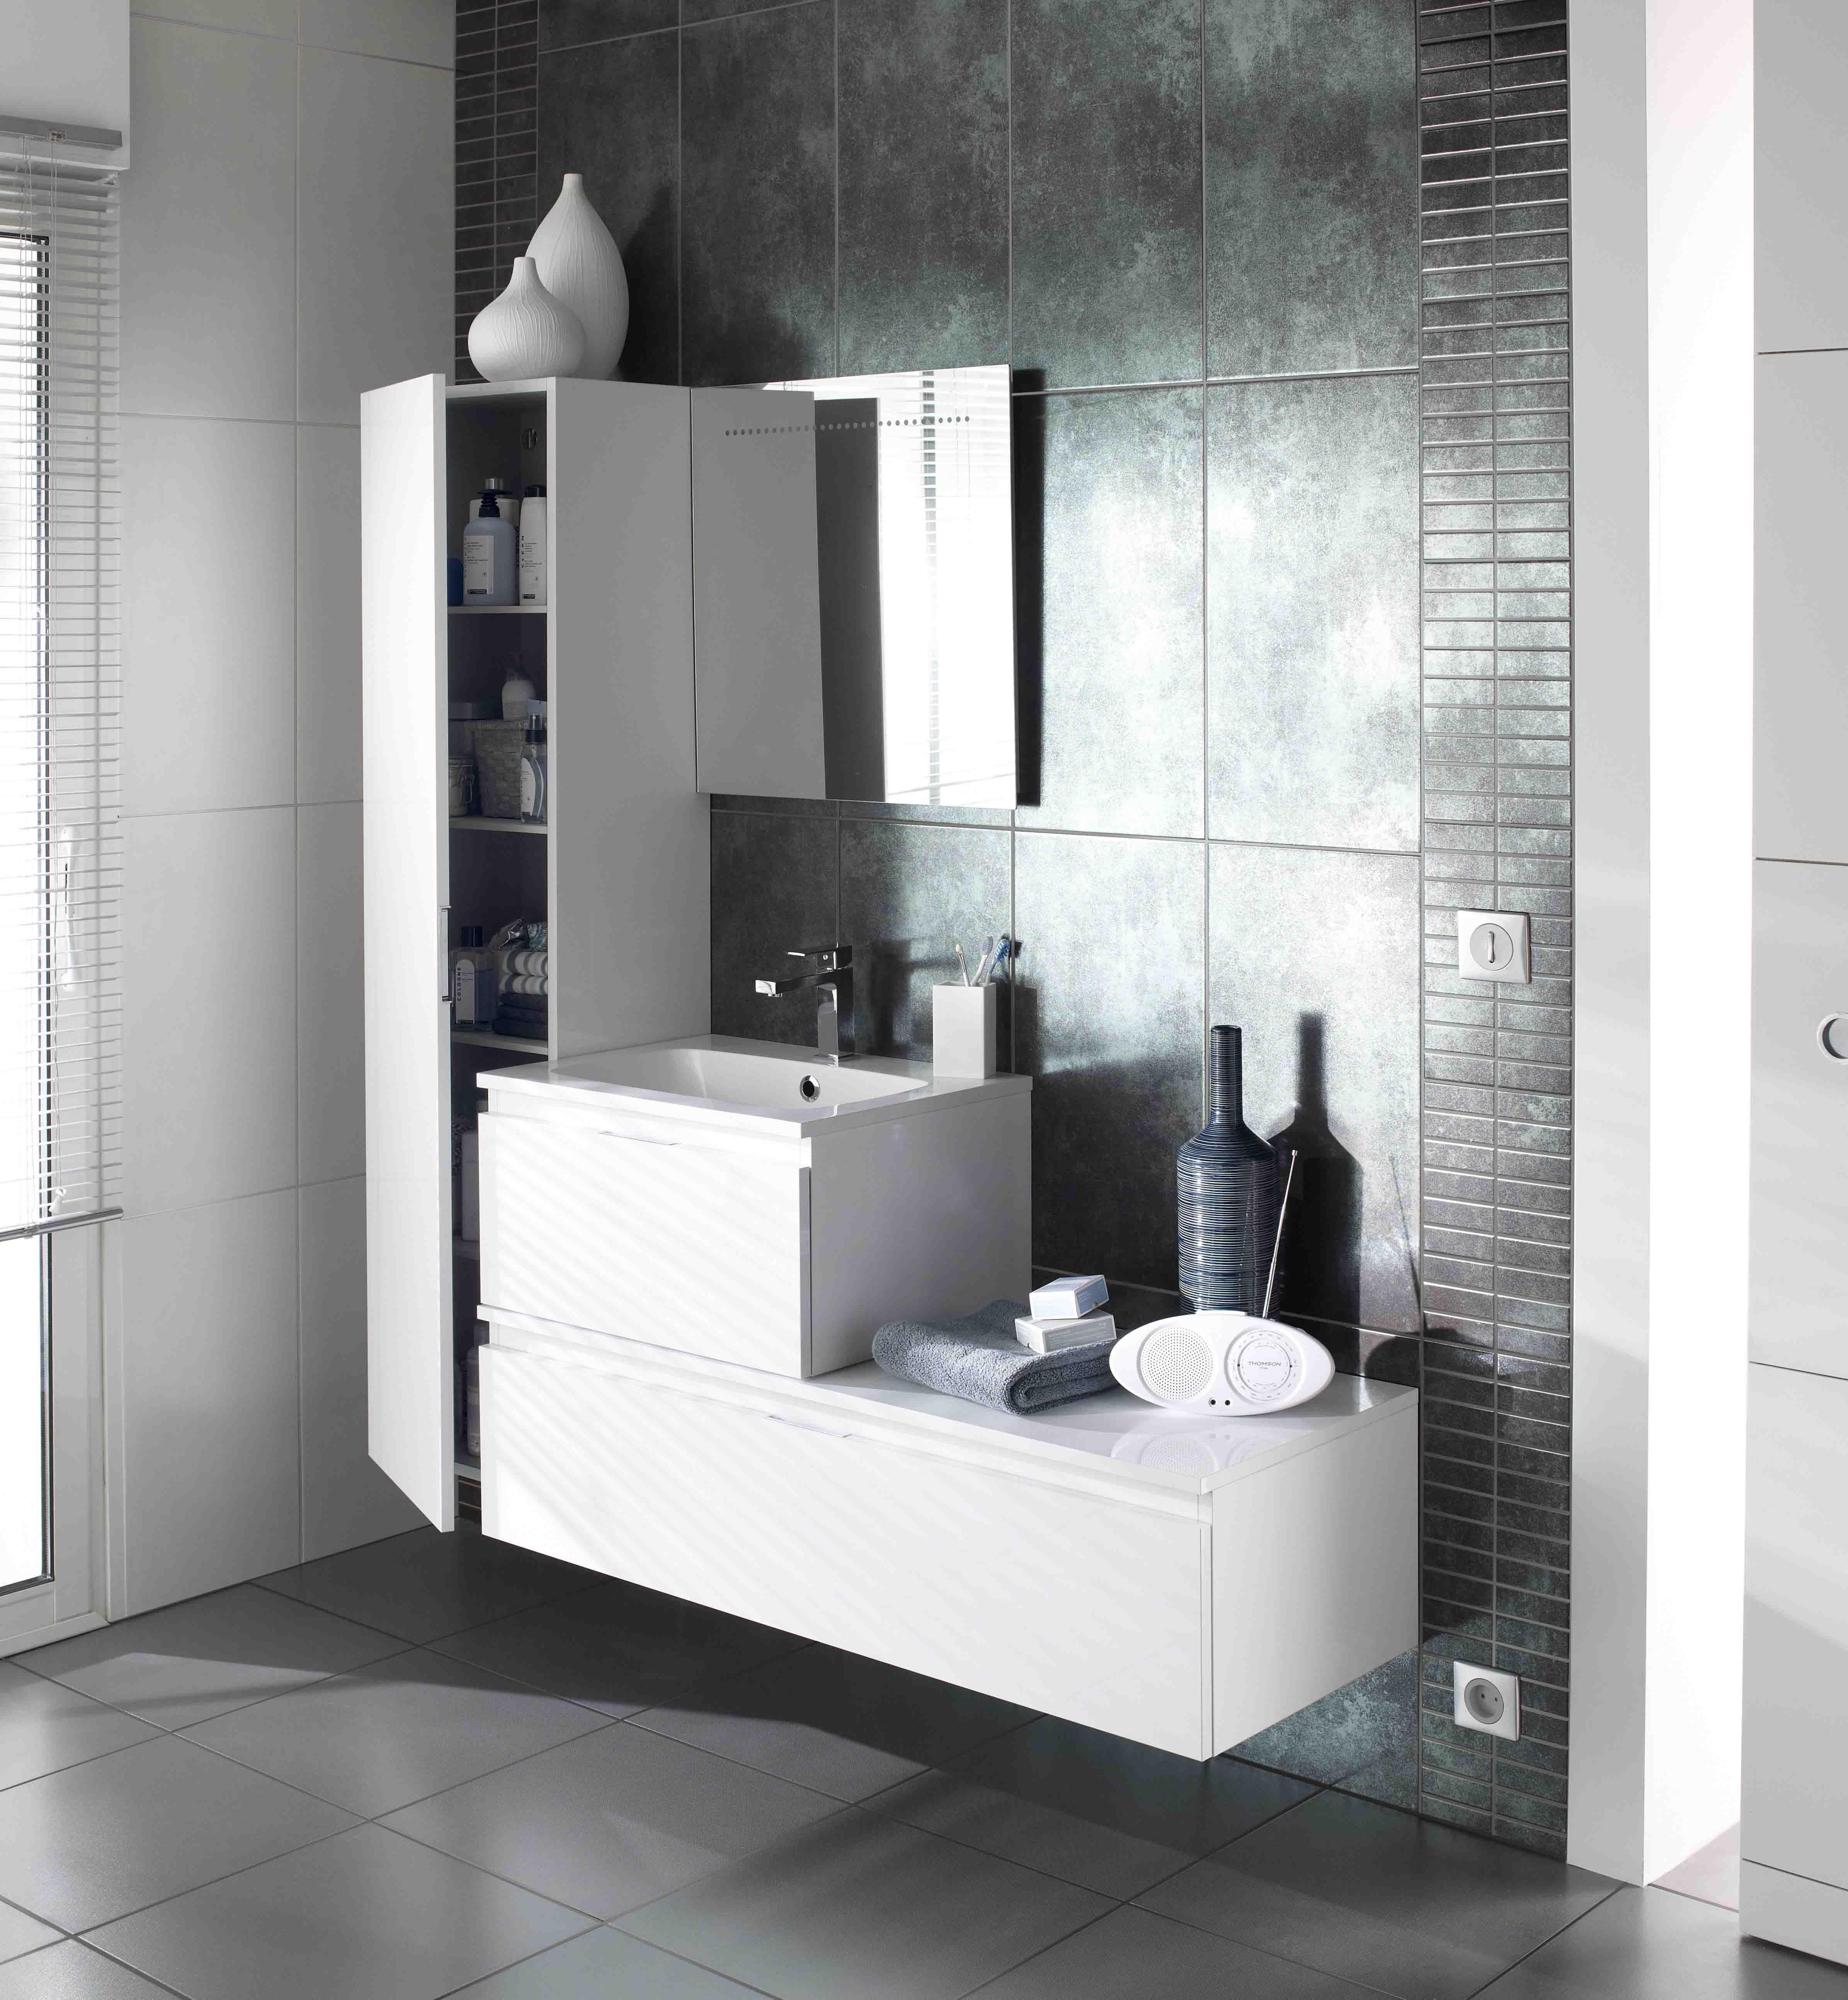 Avec ses diff rents coloris bois s assouvissez vos envies - Modele salle de bain contemporaine ...